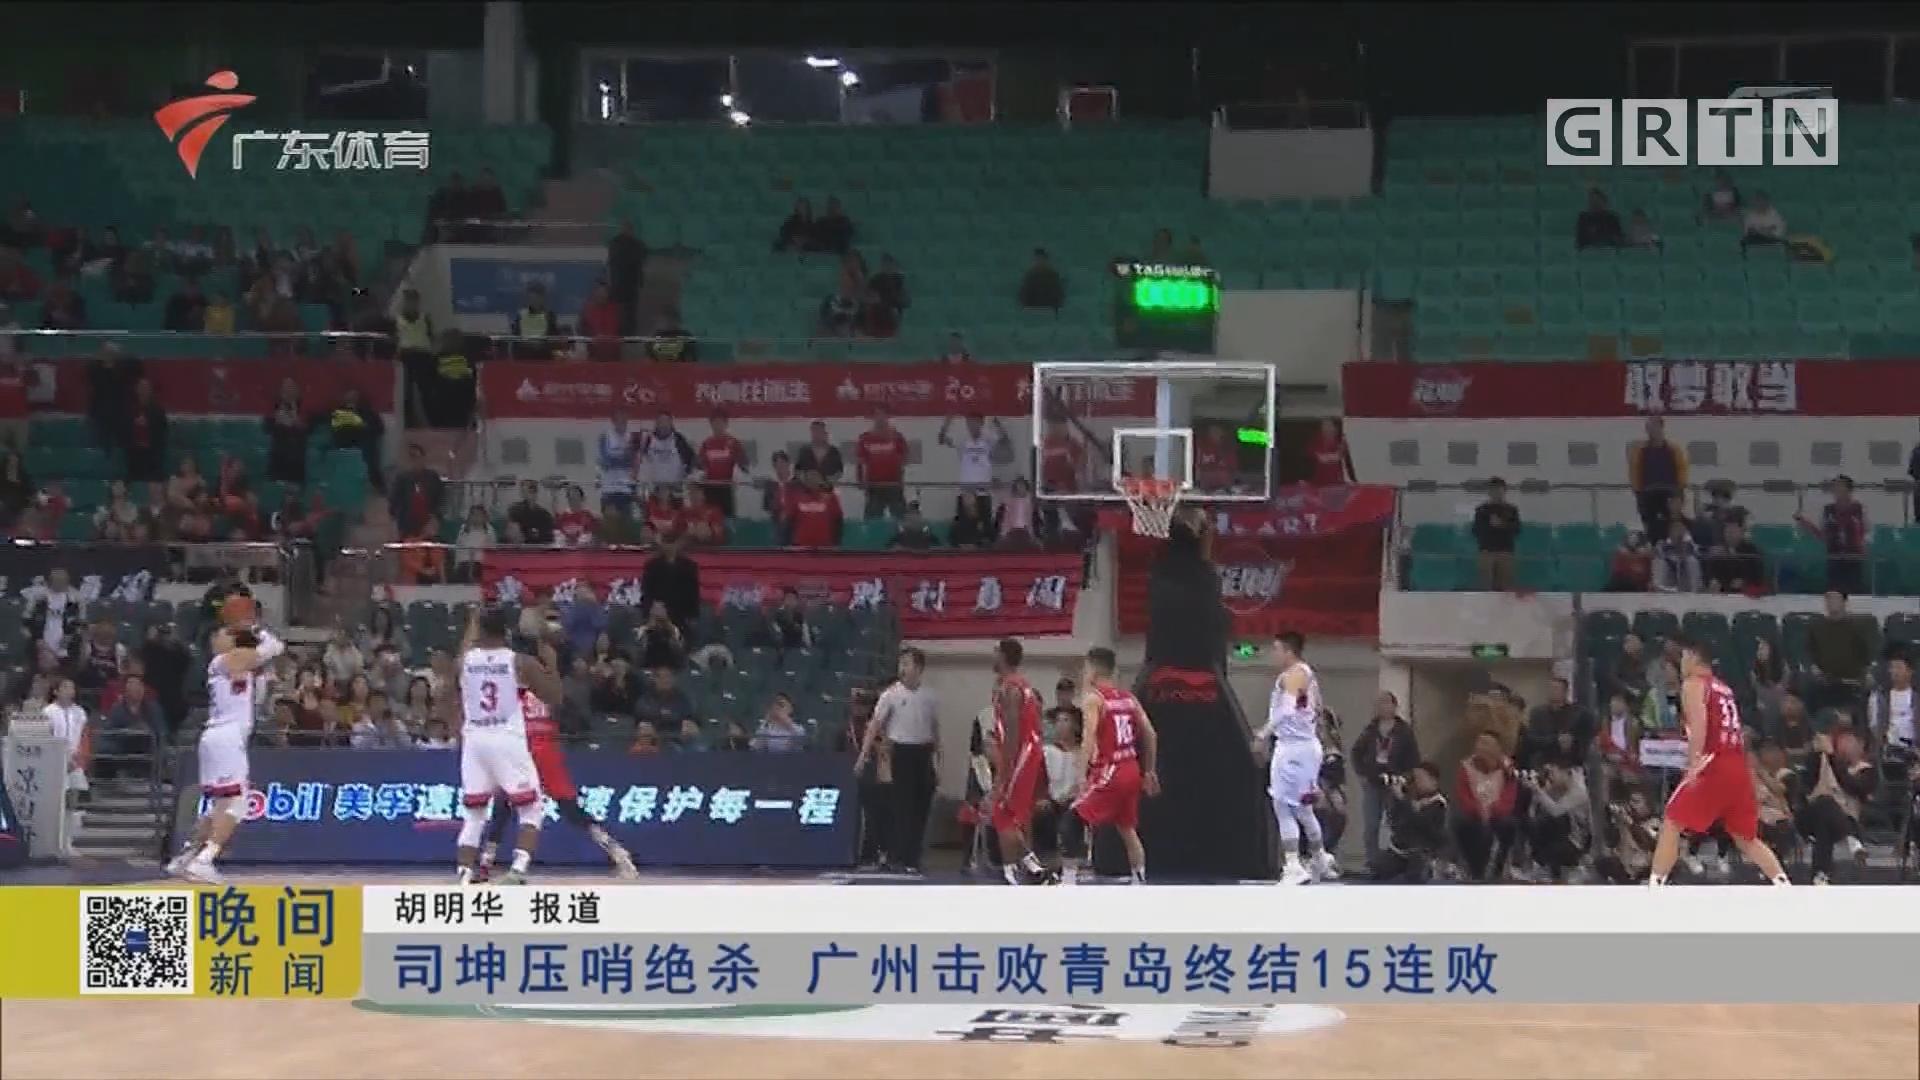 司坤压哨绝杀 广州击败青岛终结15连败